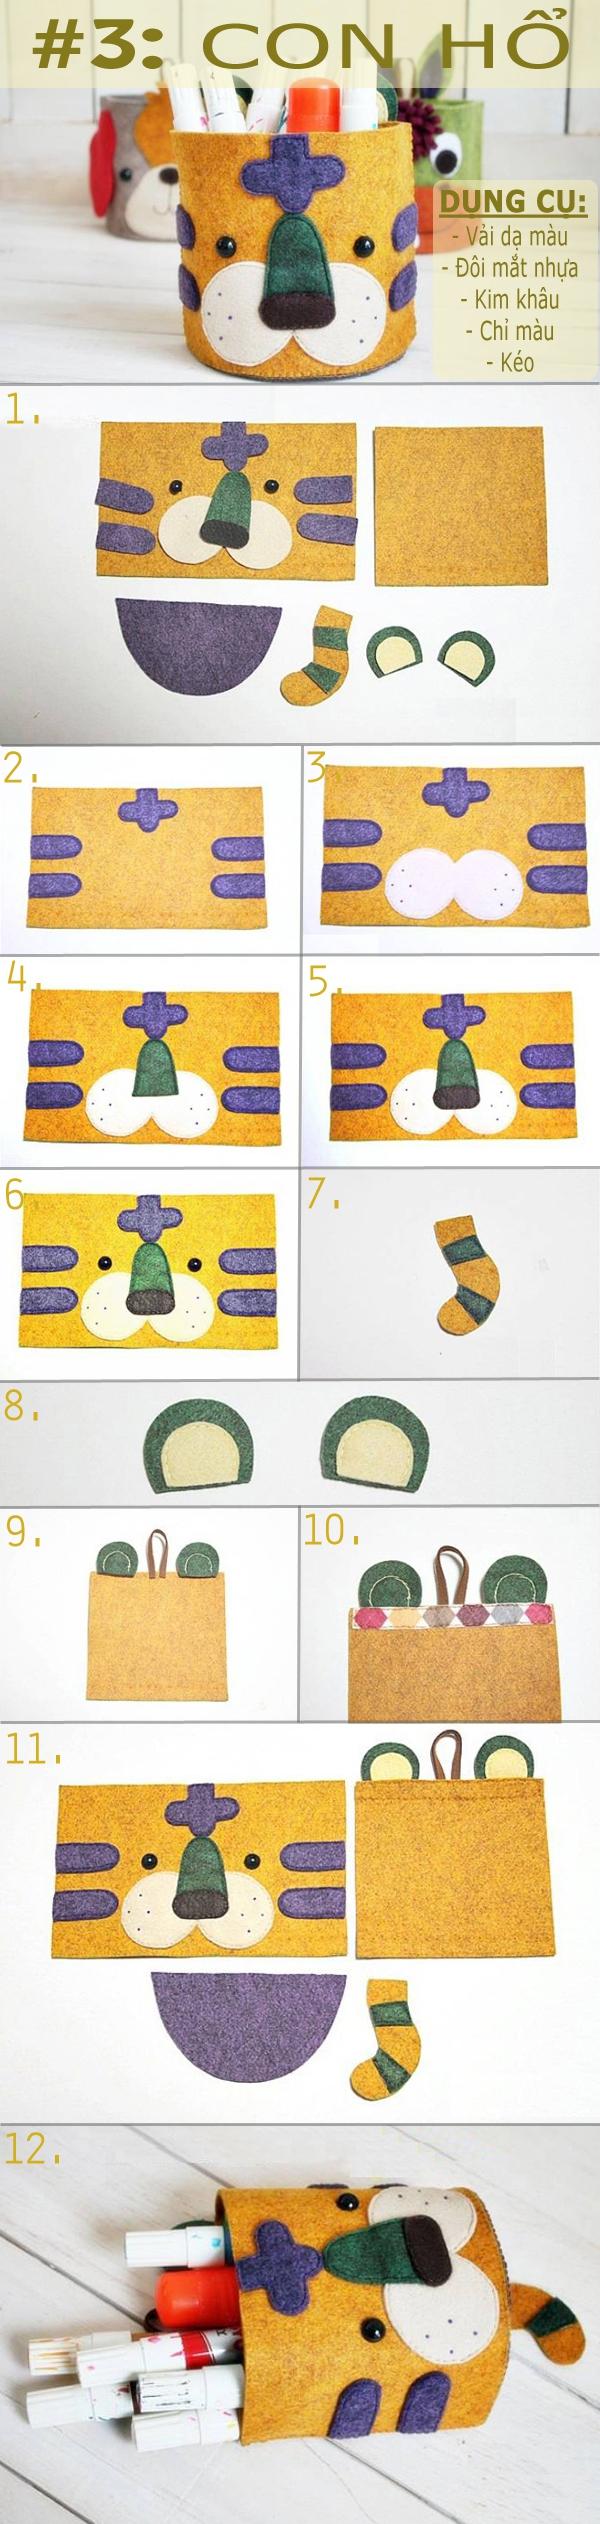 Sưu tập cách làm các kiểu túi treo ngộ nghĩnh tiện ích 3